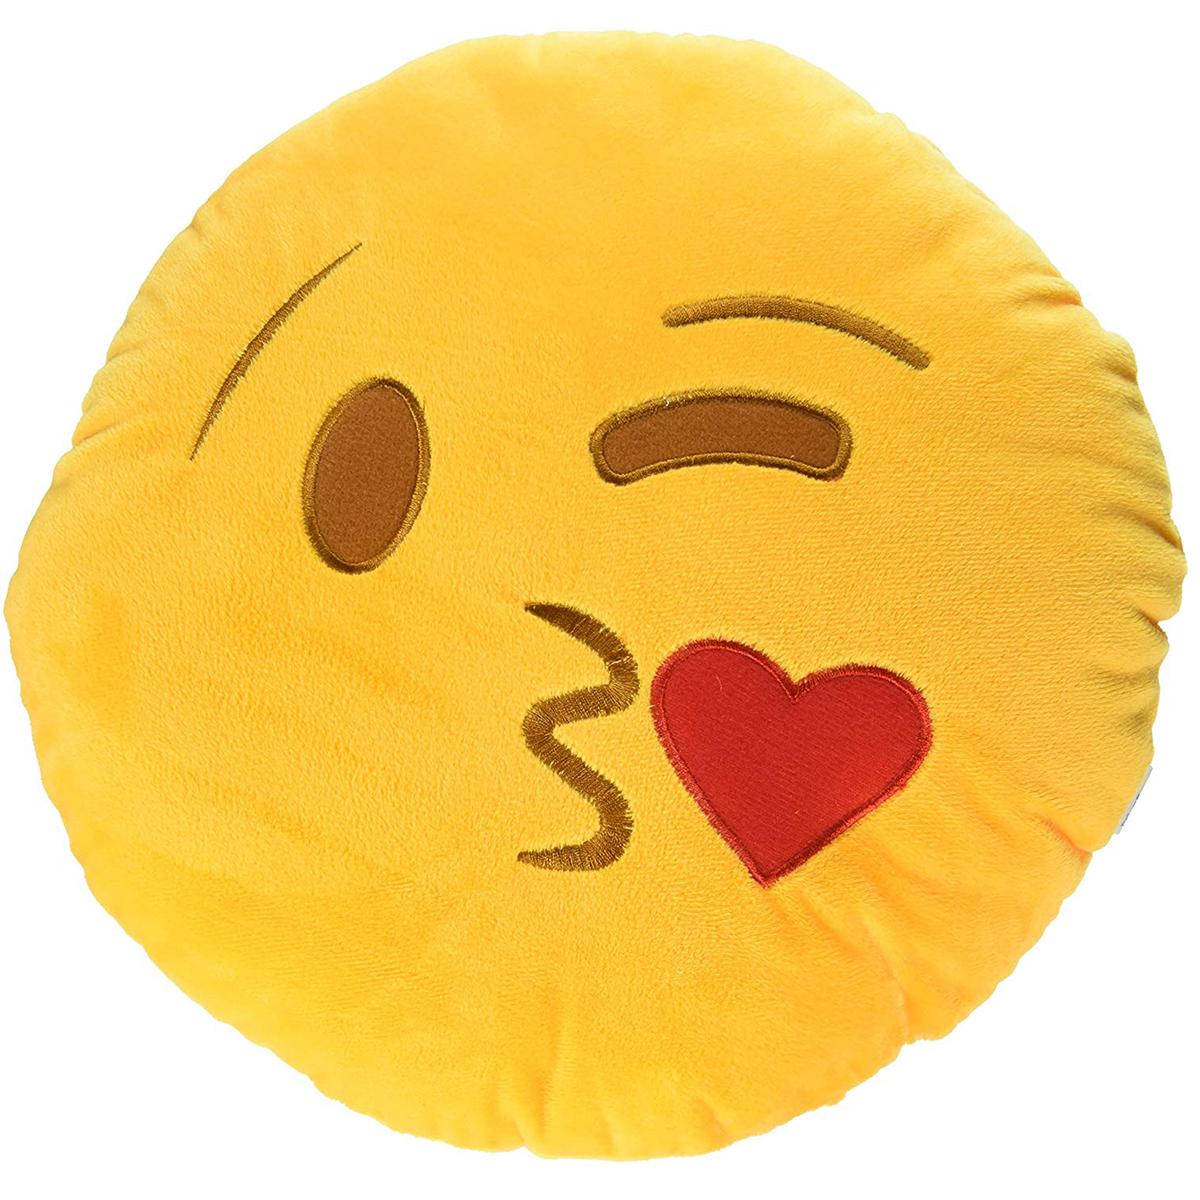 Emoji Cuscini.Creativo Coccole Emoji Cuscini Peluche Buy Peluche Emoji Cuscini